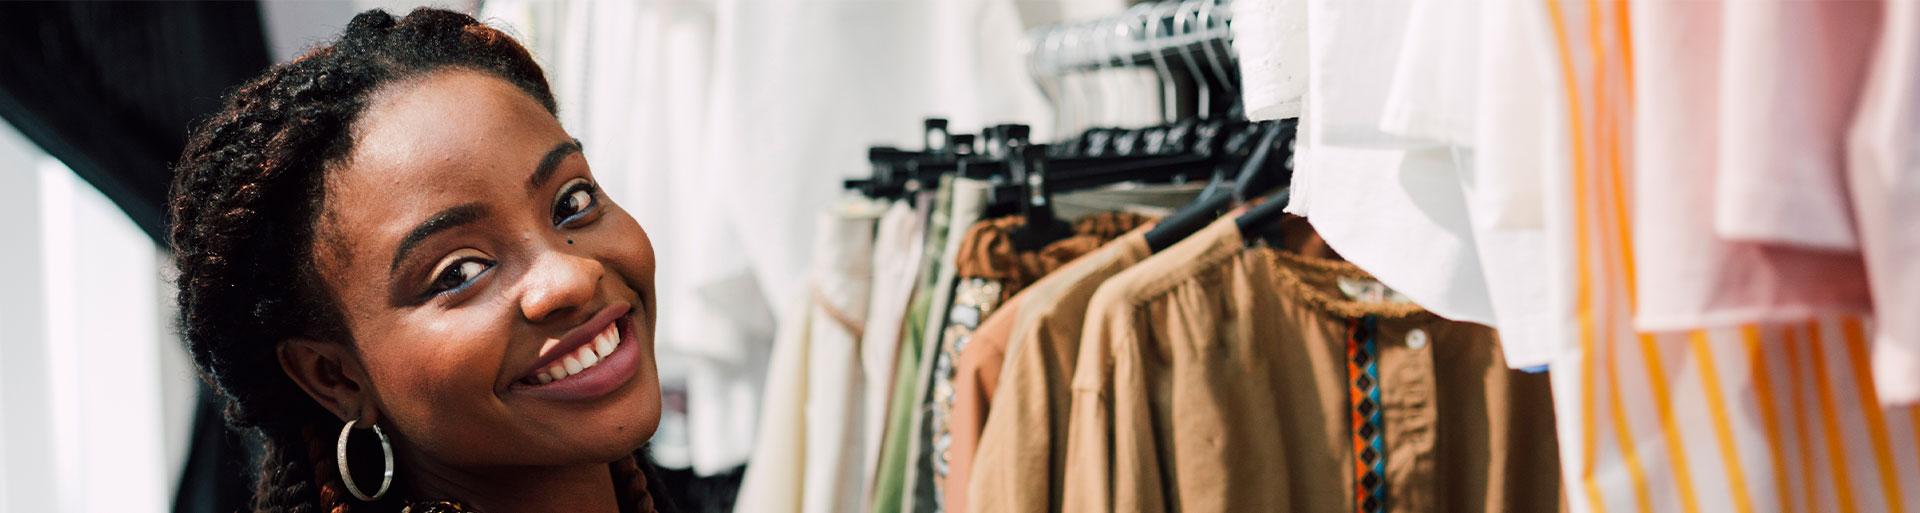 mulher negra em primeiro plano em uma loja de roupas